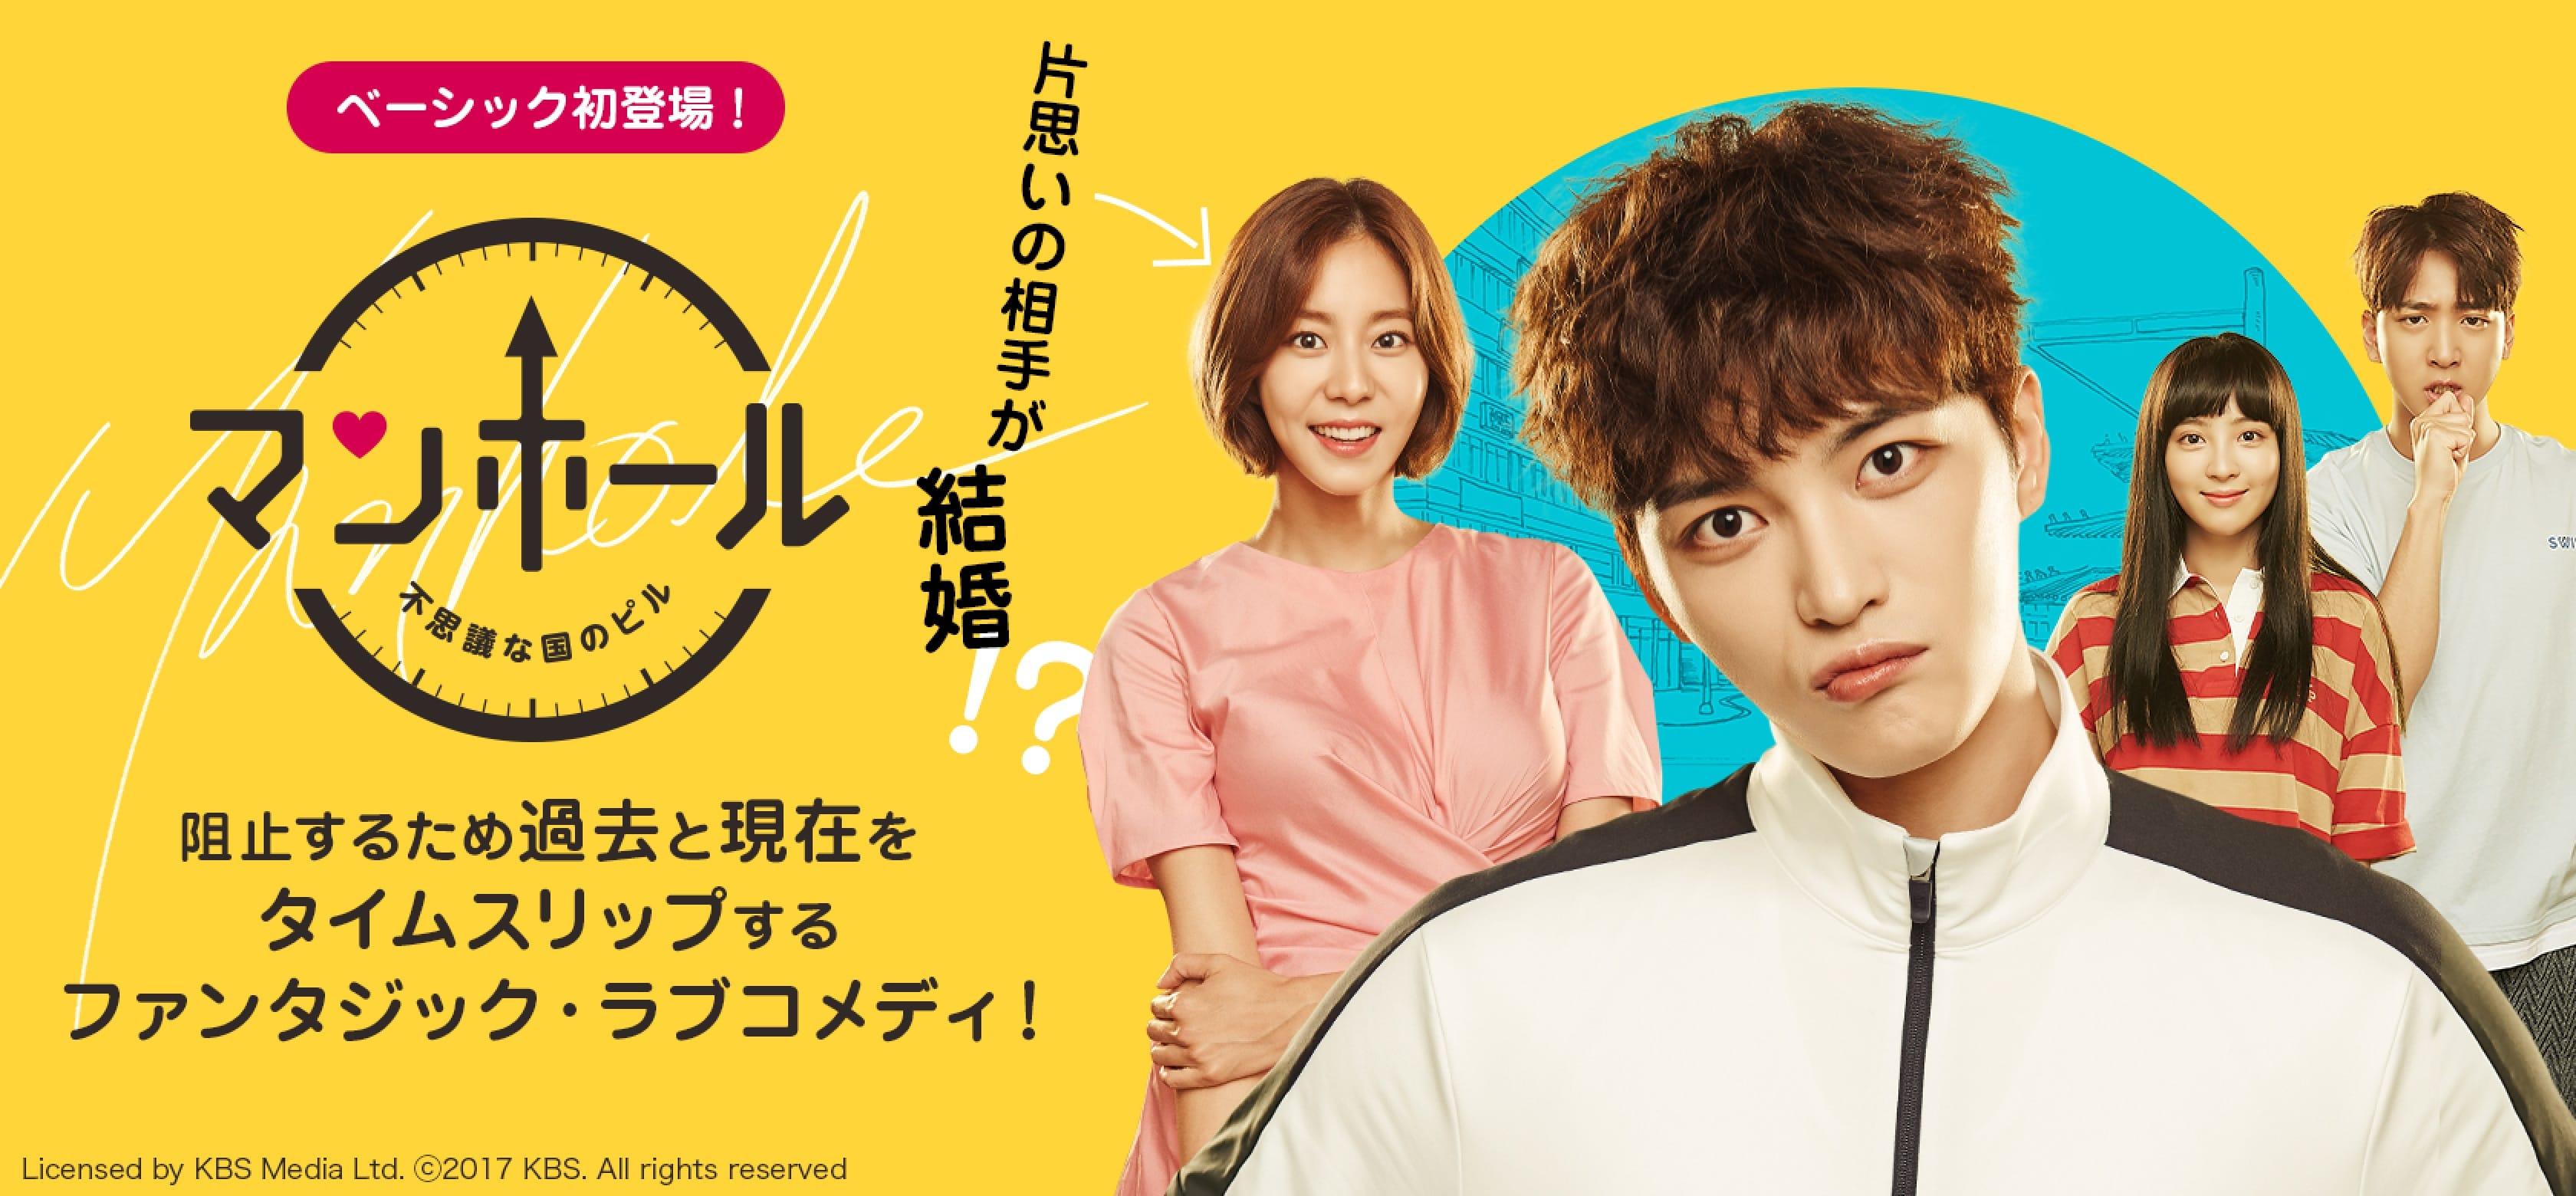 マンホール~不思議な国のピル~-韓国ドラマ